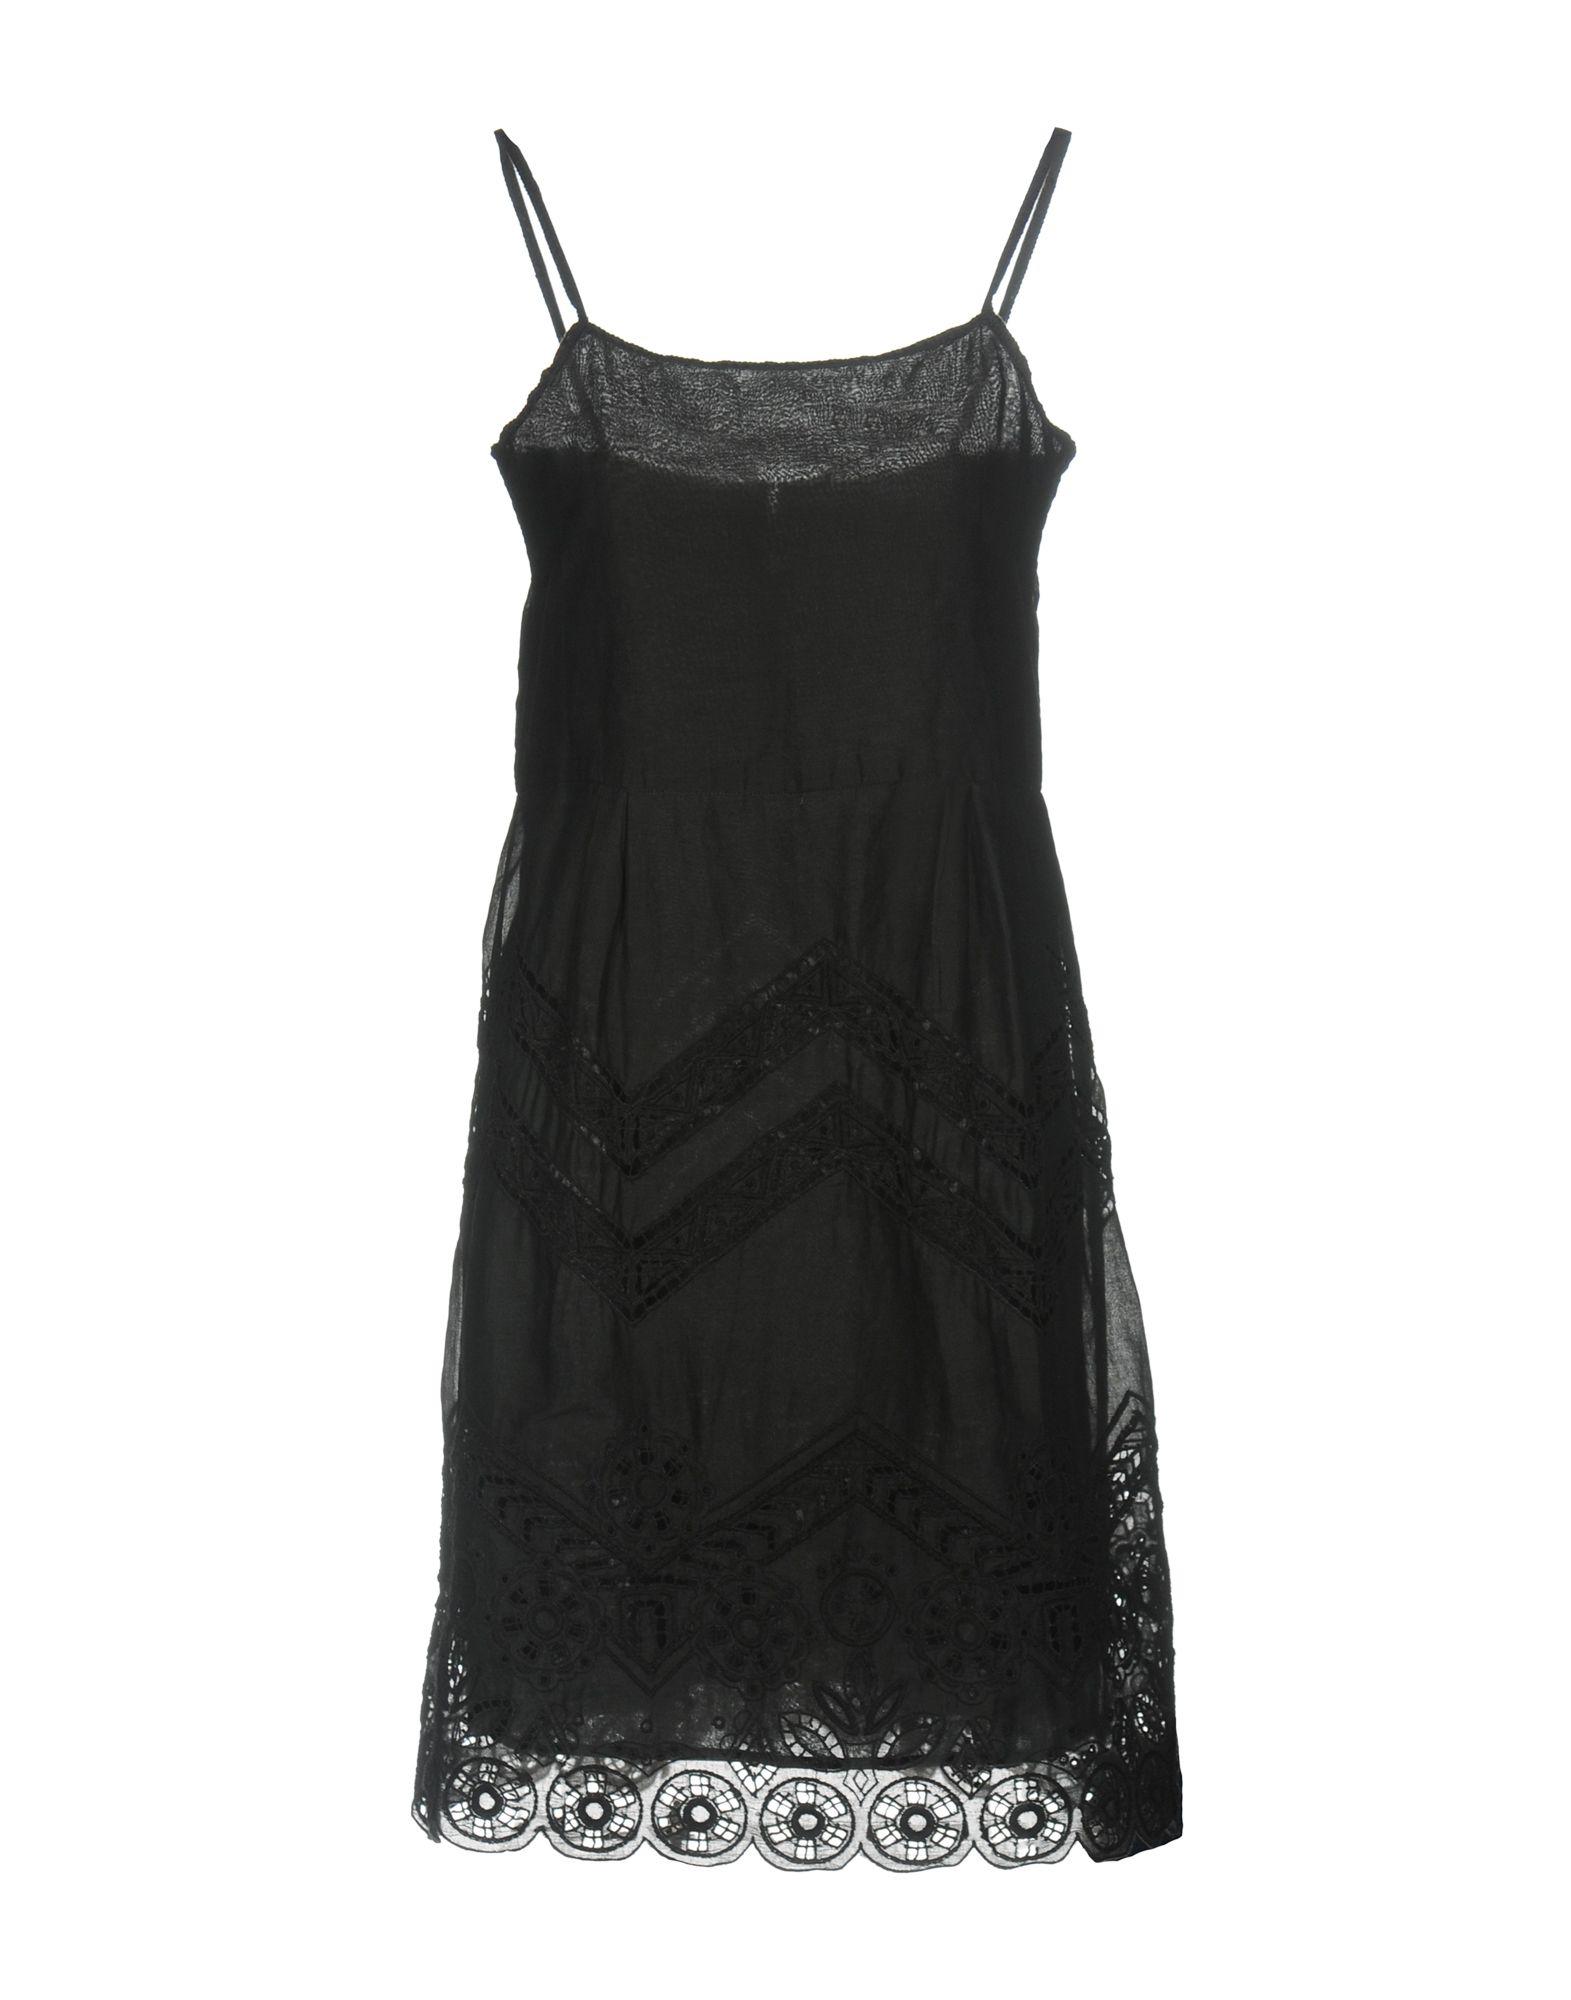 INTROPIA Damen Kurzes Kleid Farbe Schwarz Größe 4 jetztbilligerkaufen